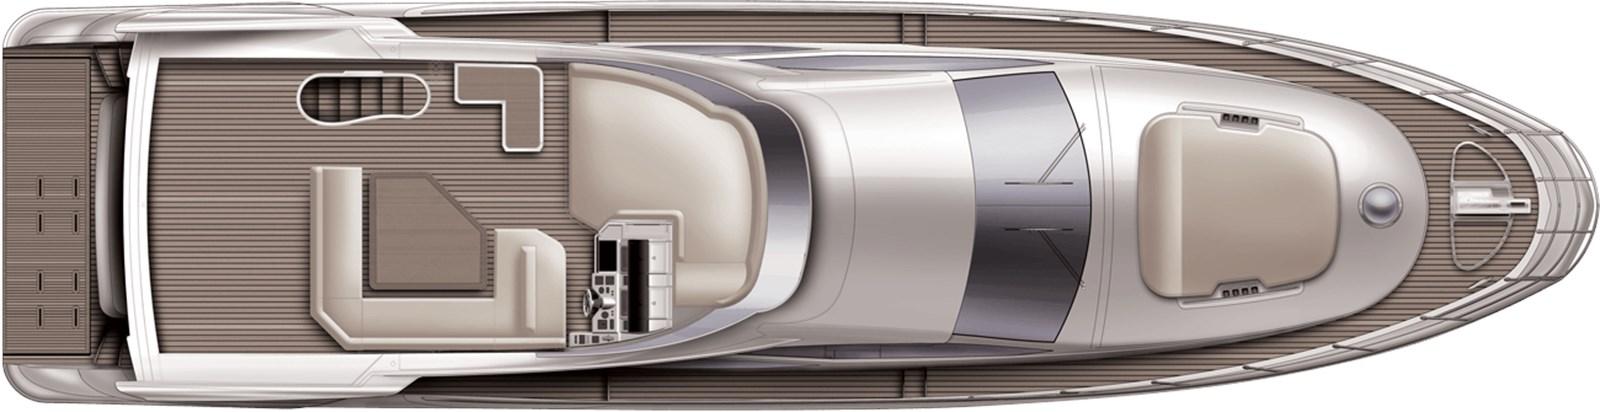 2011 AZIMUT 70 Flybridge Motor Yacht 2945292